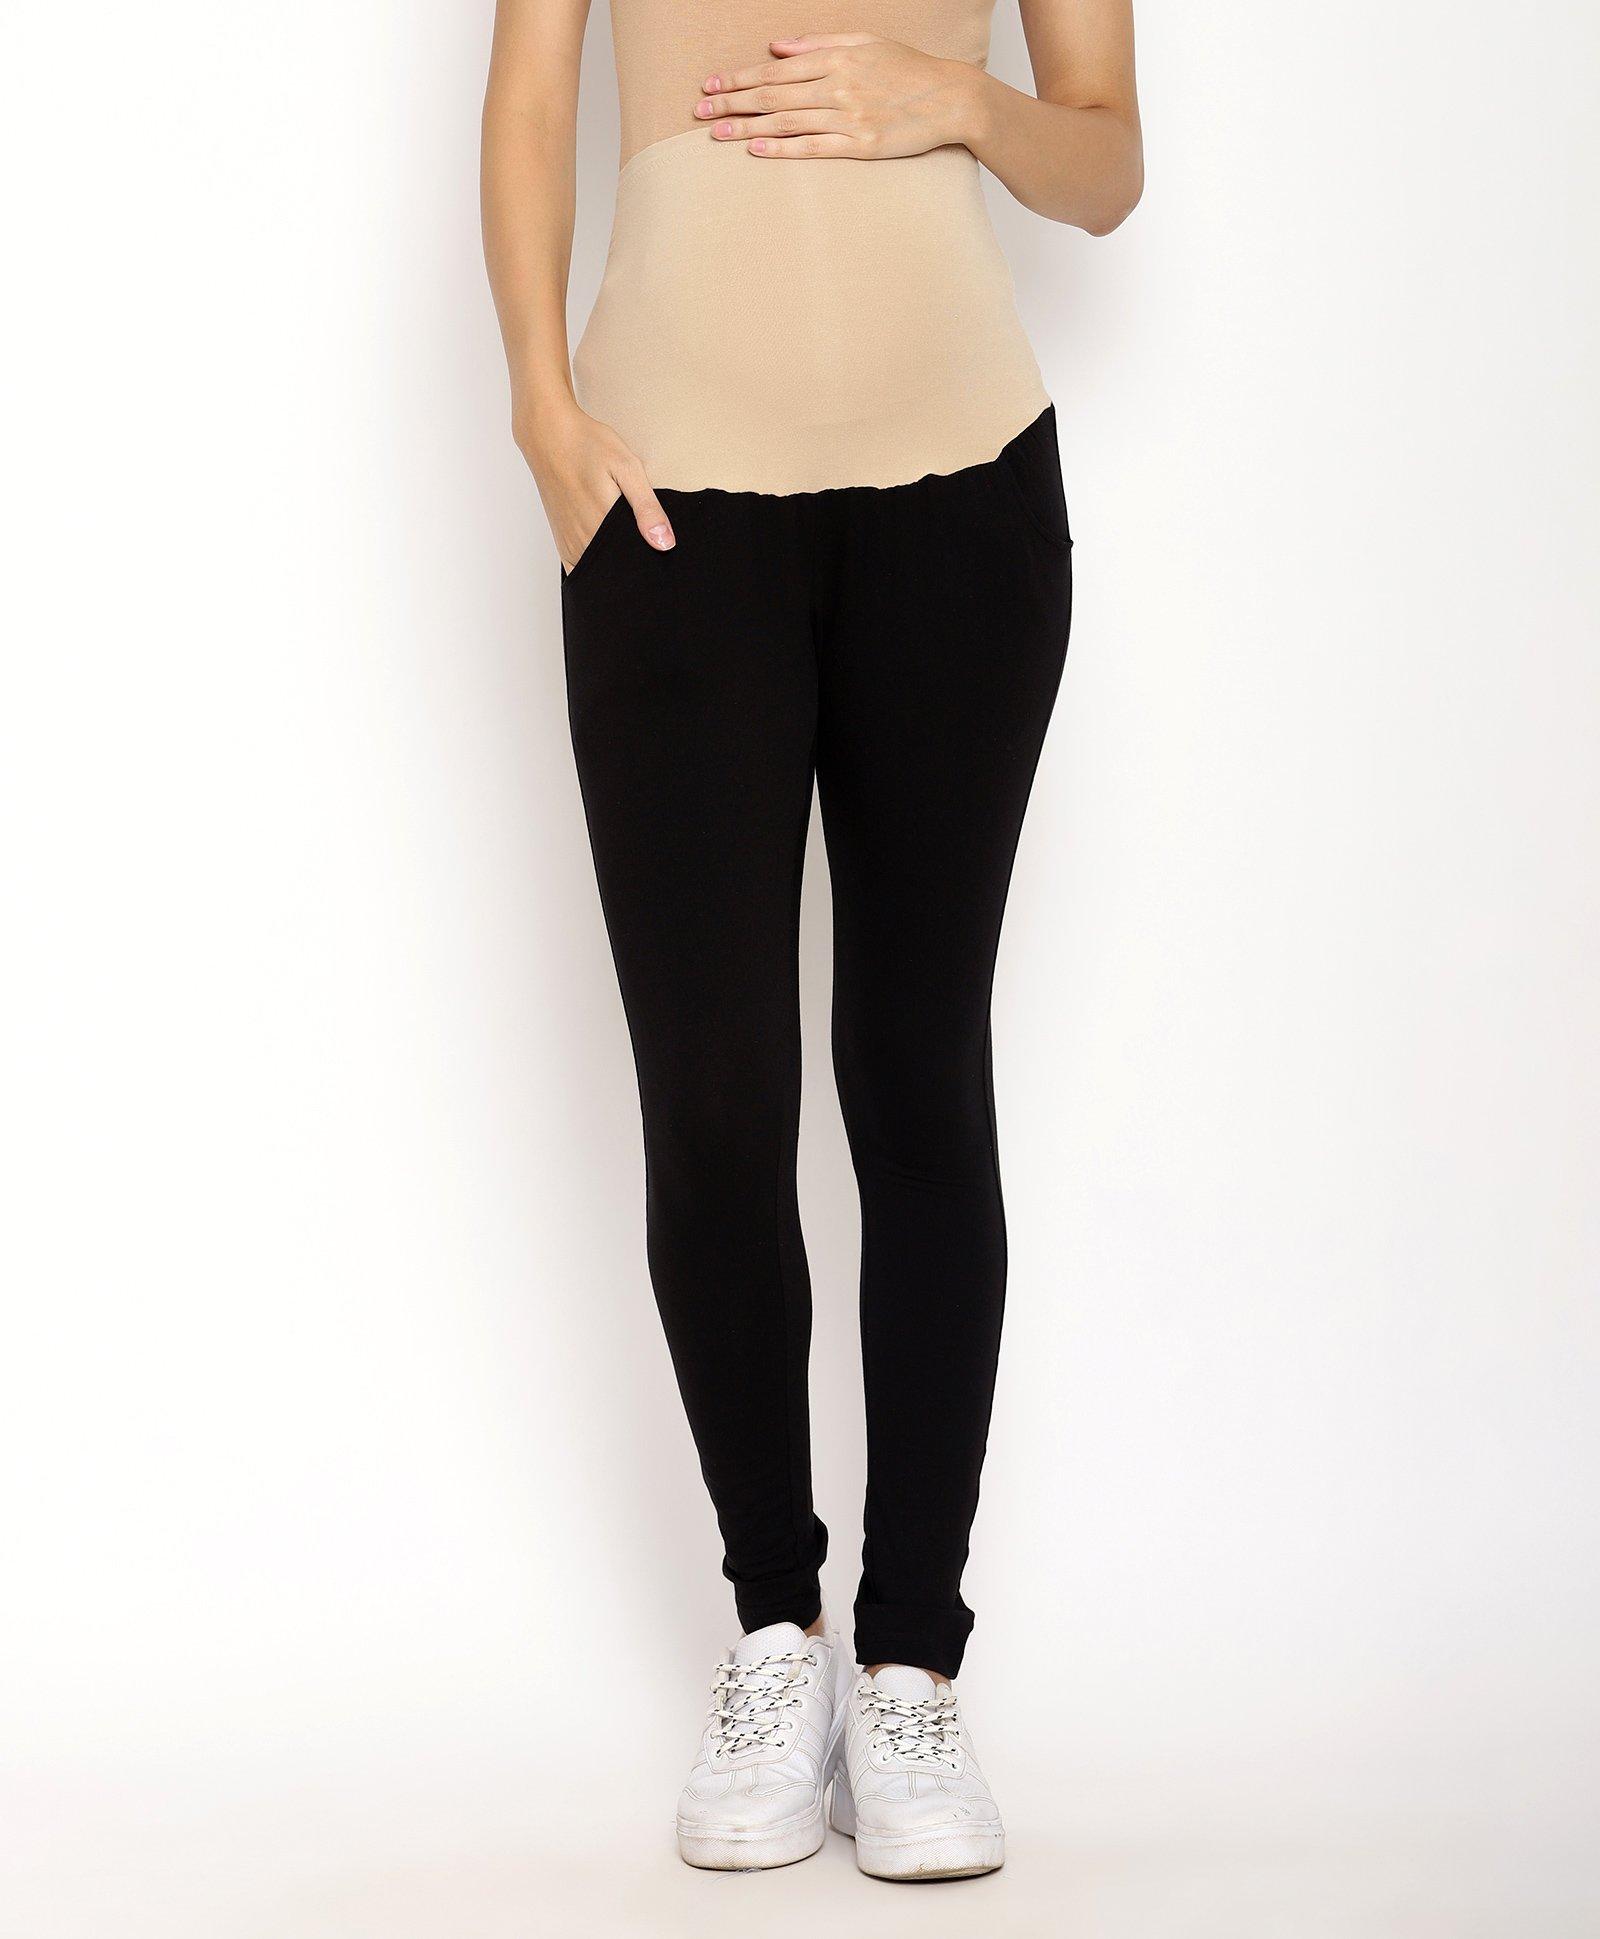 f396c6d96a5ab Kriti Full Length Maternity Leggings With Tummy Hug Black Online in ...